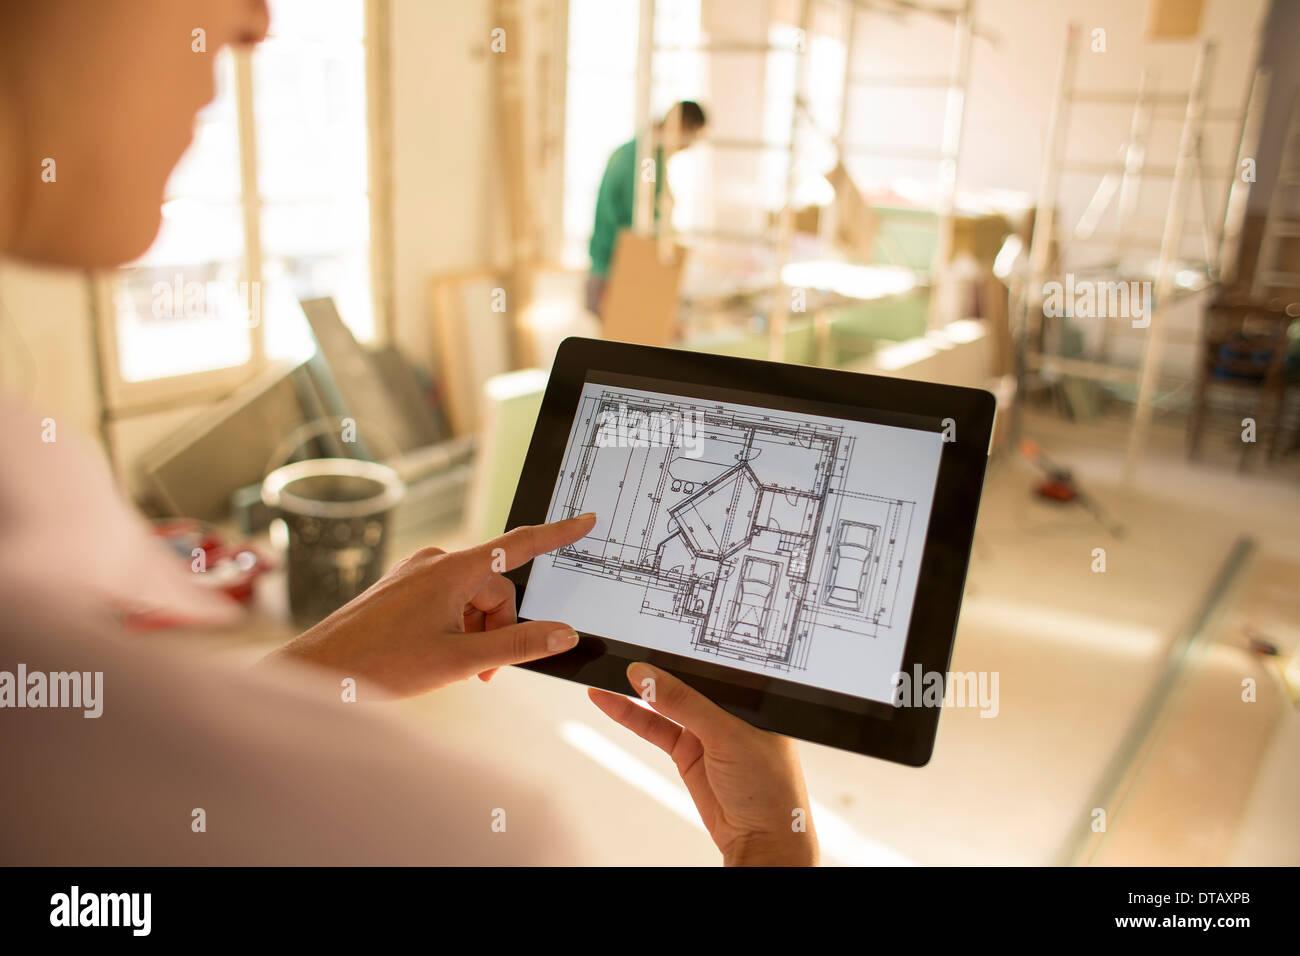 Architektin Frau arbeiten mit elektronischen Tablet auf Baustelle Stockbild